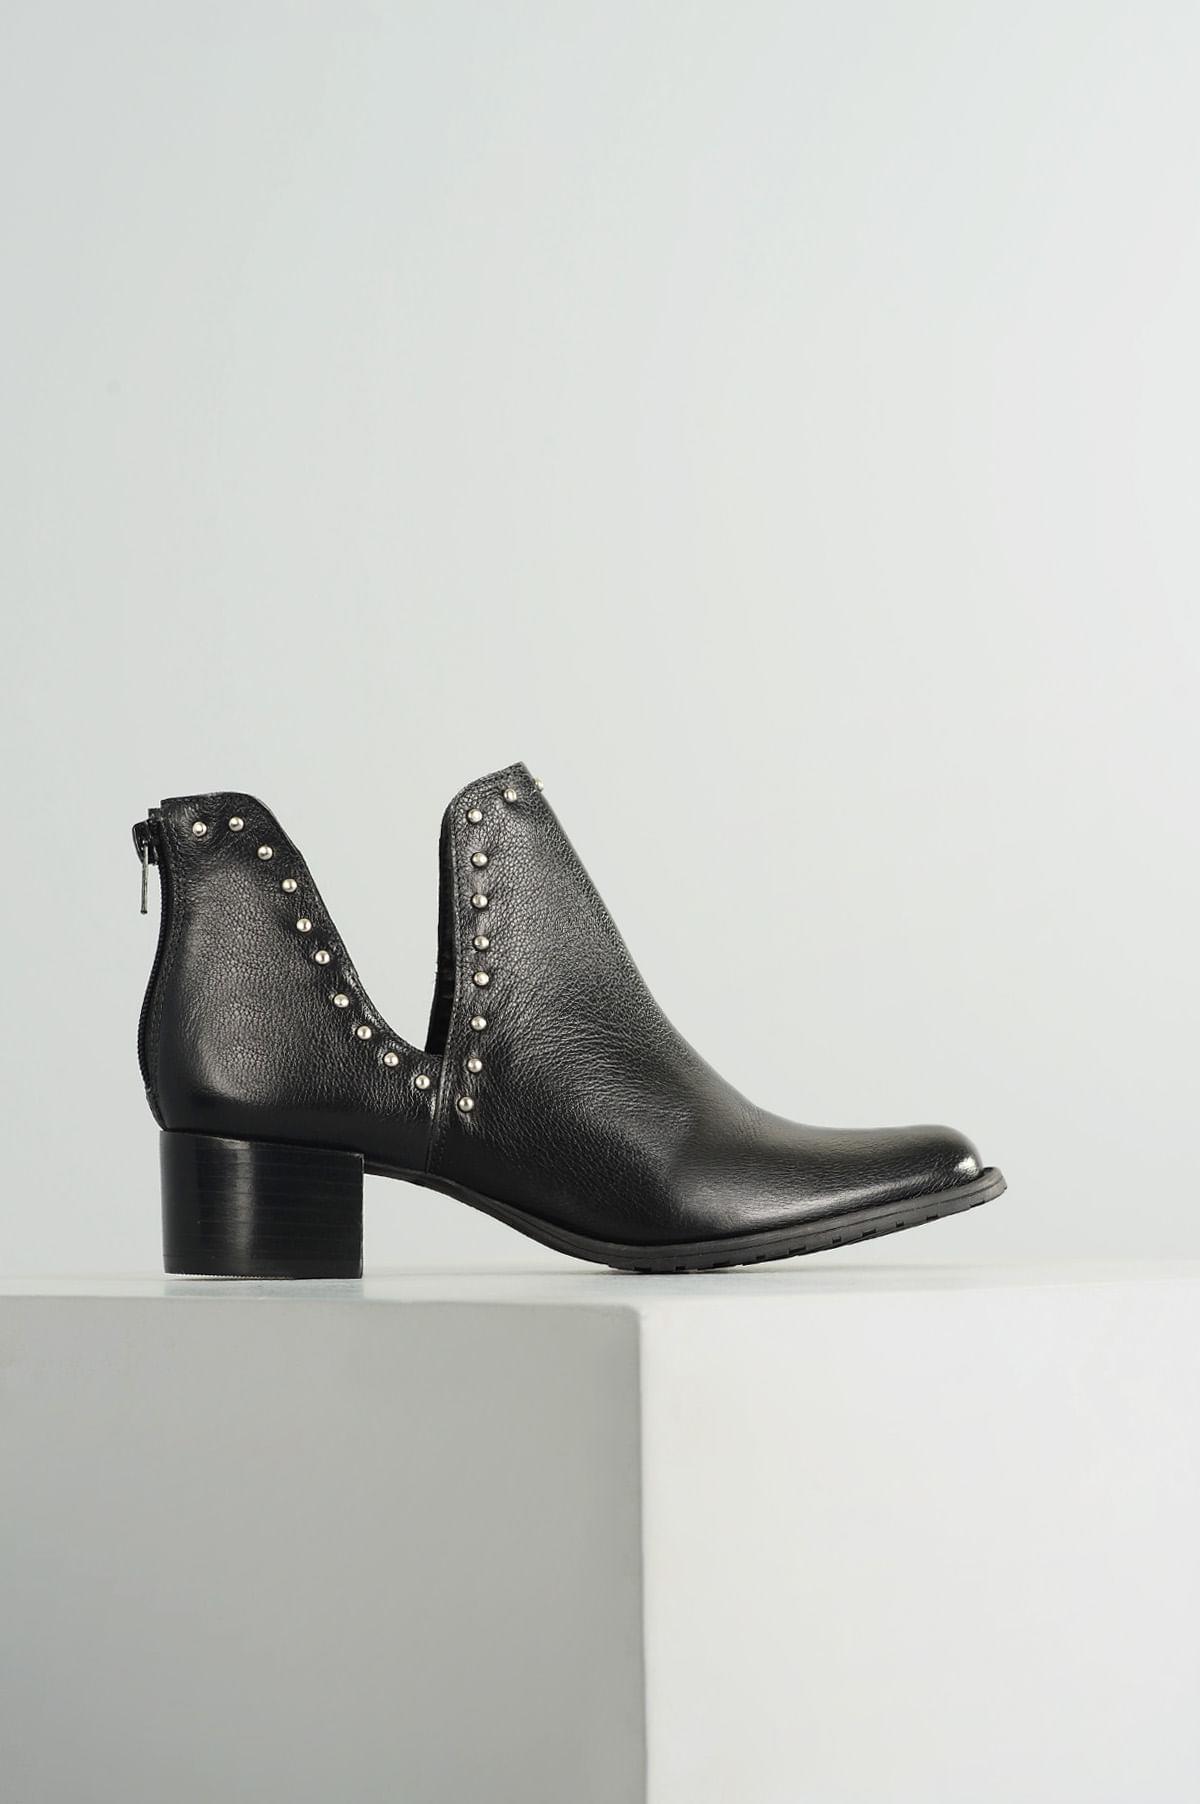 5beb70c0c2 Ankle Boot Feminino Cynthia Mundial CR-PRETO - Mundial Calçados